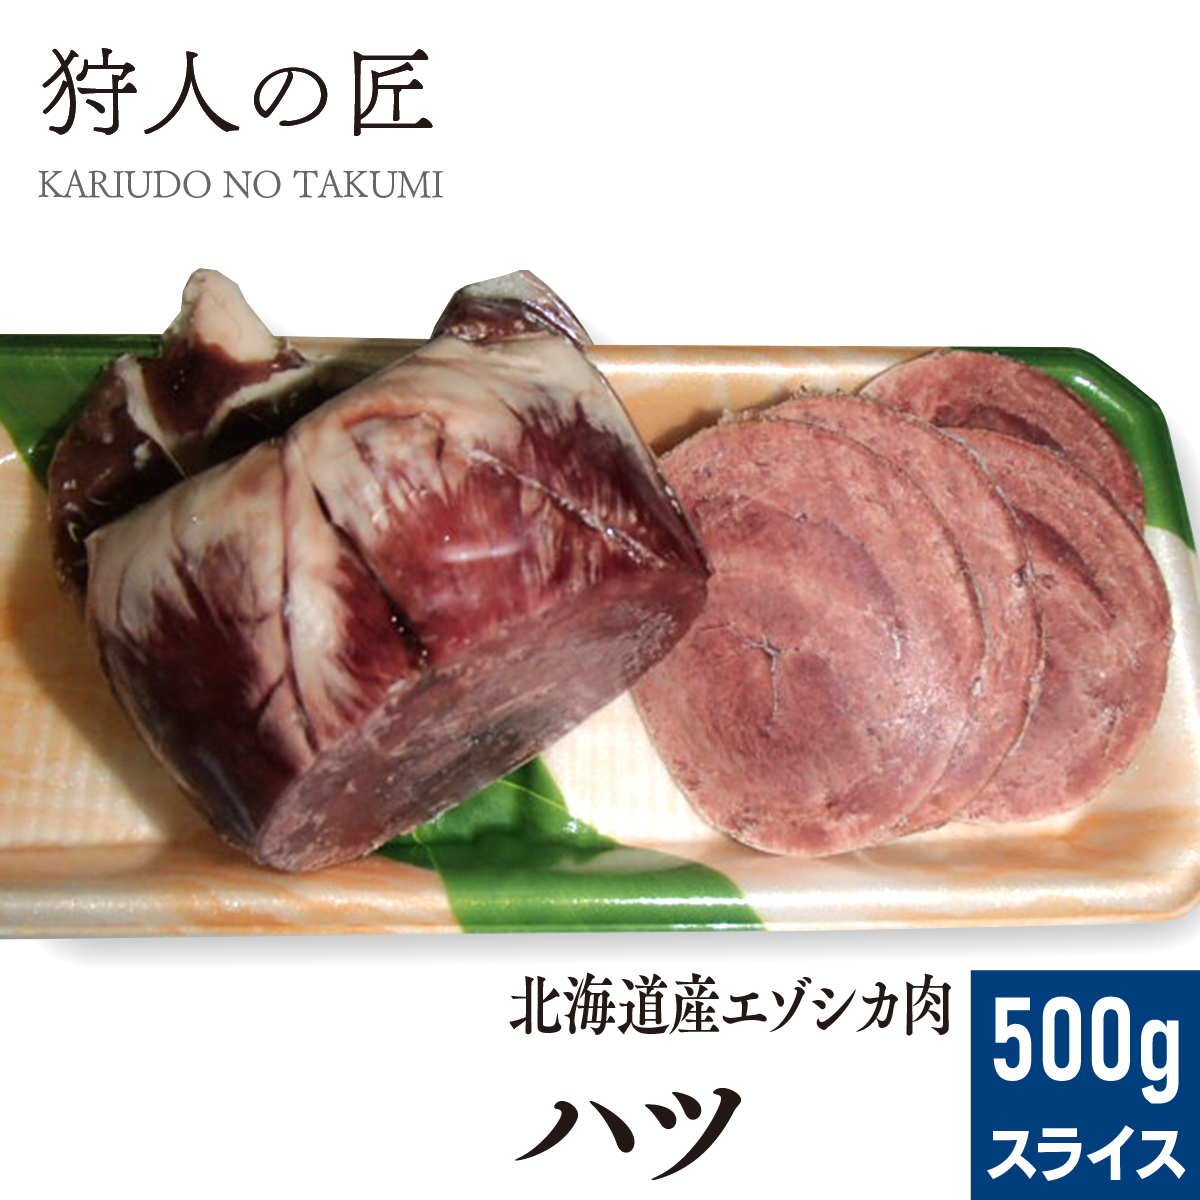 鹿肉はとってもヘルシー 人気商品 北海道稚内産 エゾ鹿肉 ハツ 心臓 500g 蝦夷鹿肉 ご予約品 えぞしか肉 エゾシカ肉 ジビエ スライス 無添加